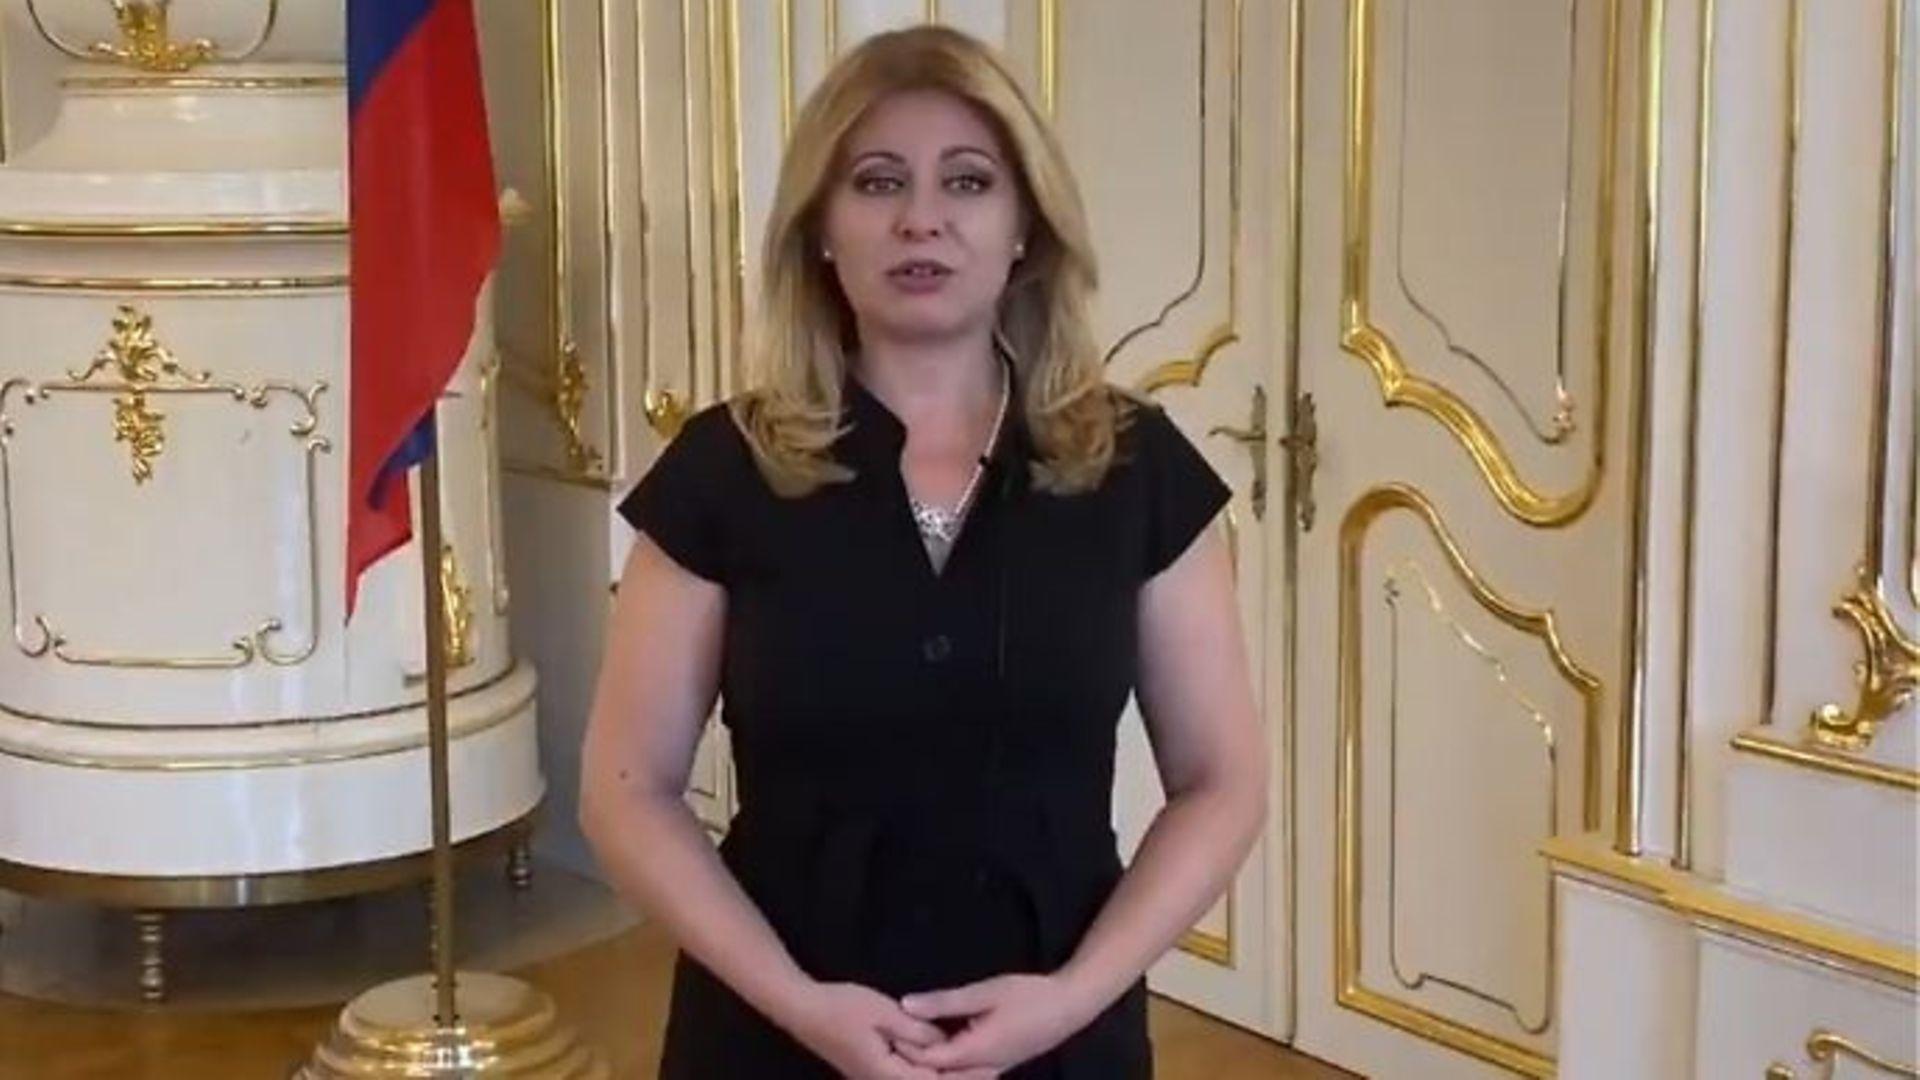 Slovak president Zuzana Čaputová - Credit: Twitter